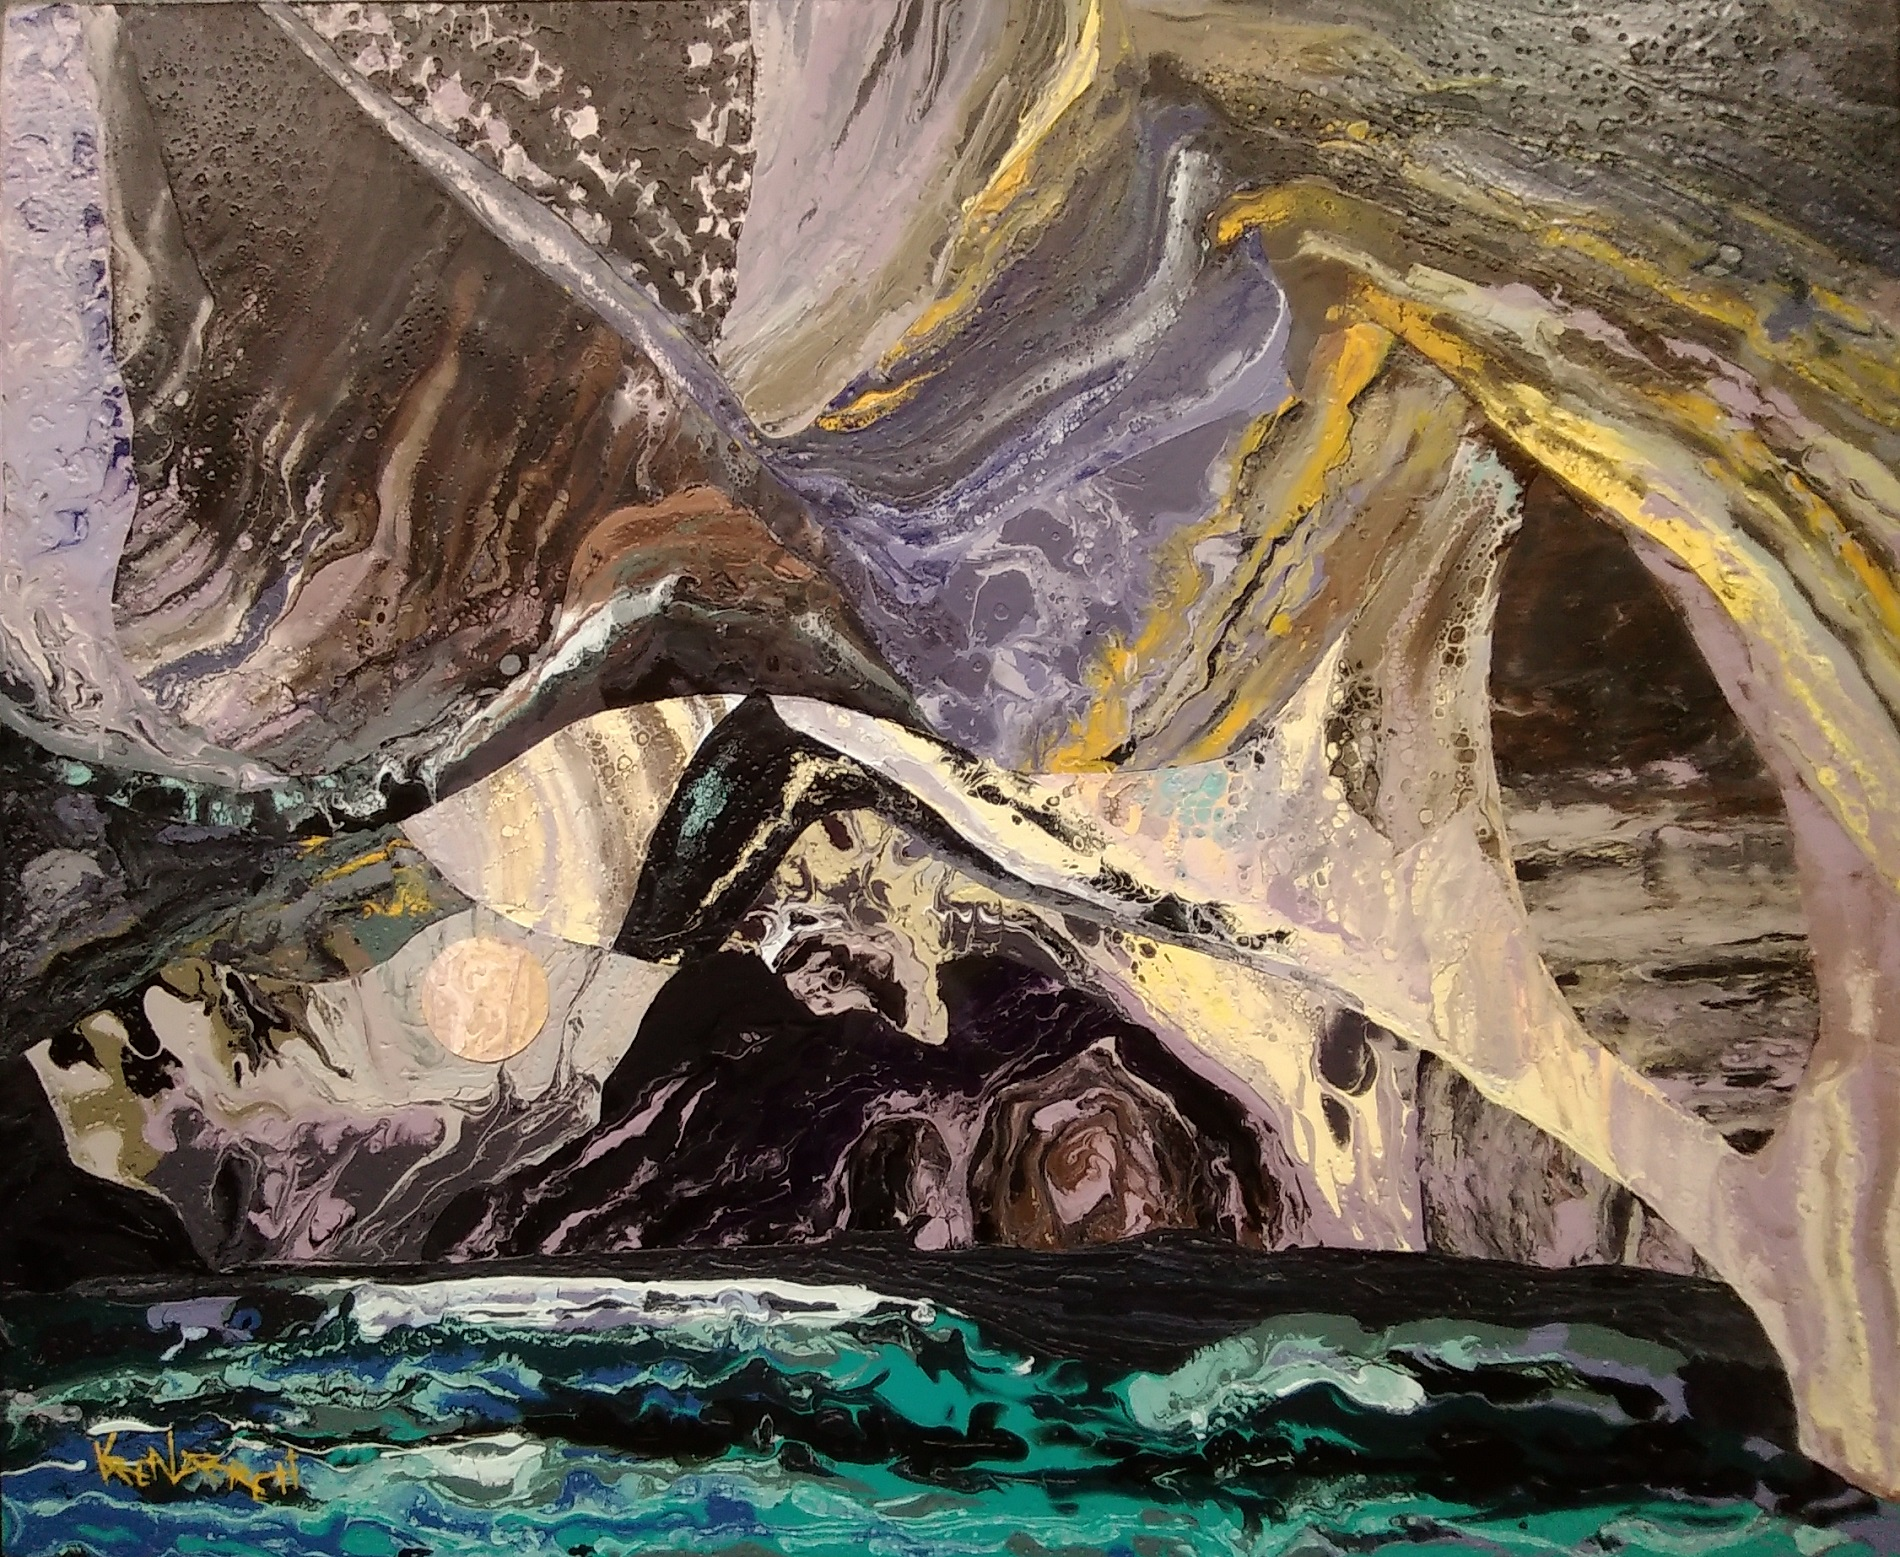 karen_garrett_flat_sculpture_rapids_cave_$2,475